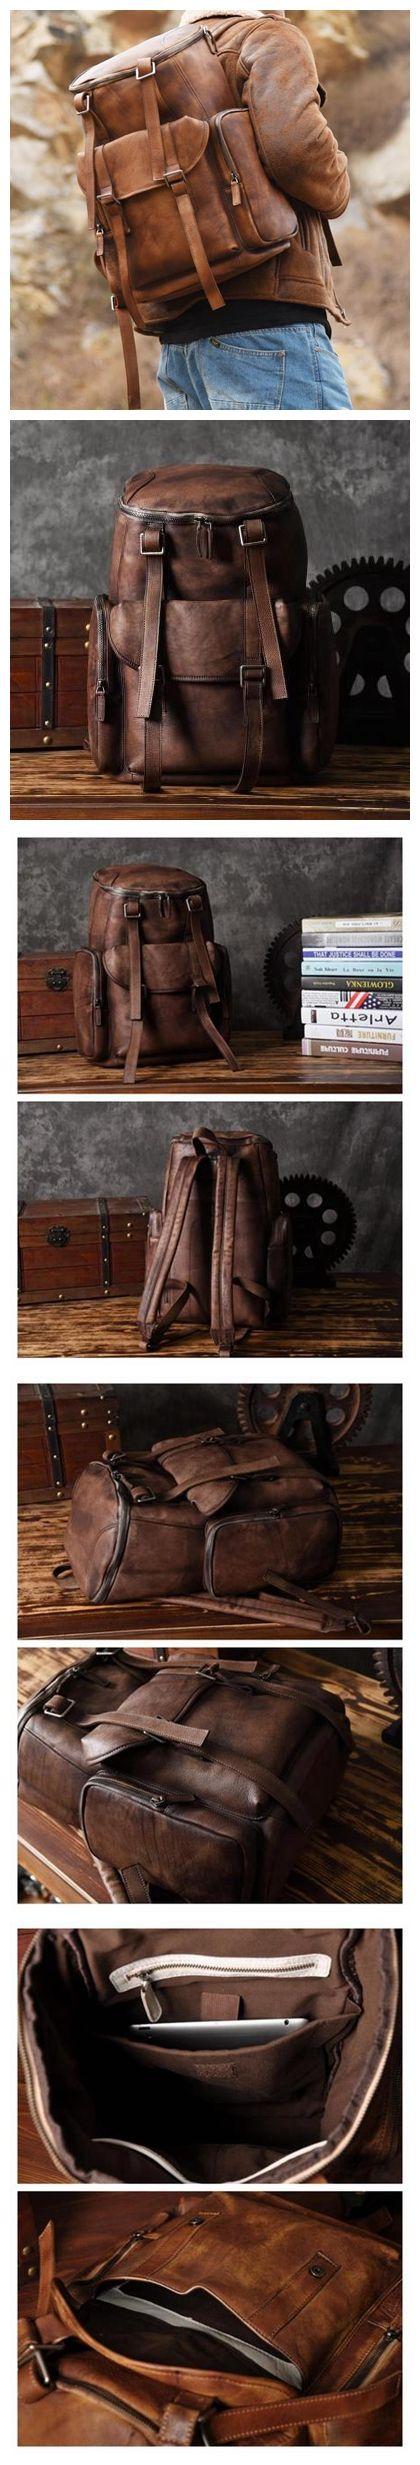 Handmade Coffee Leather Backpack Casual Rucksack Travel Backpack Hiking Backpack MT06